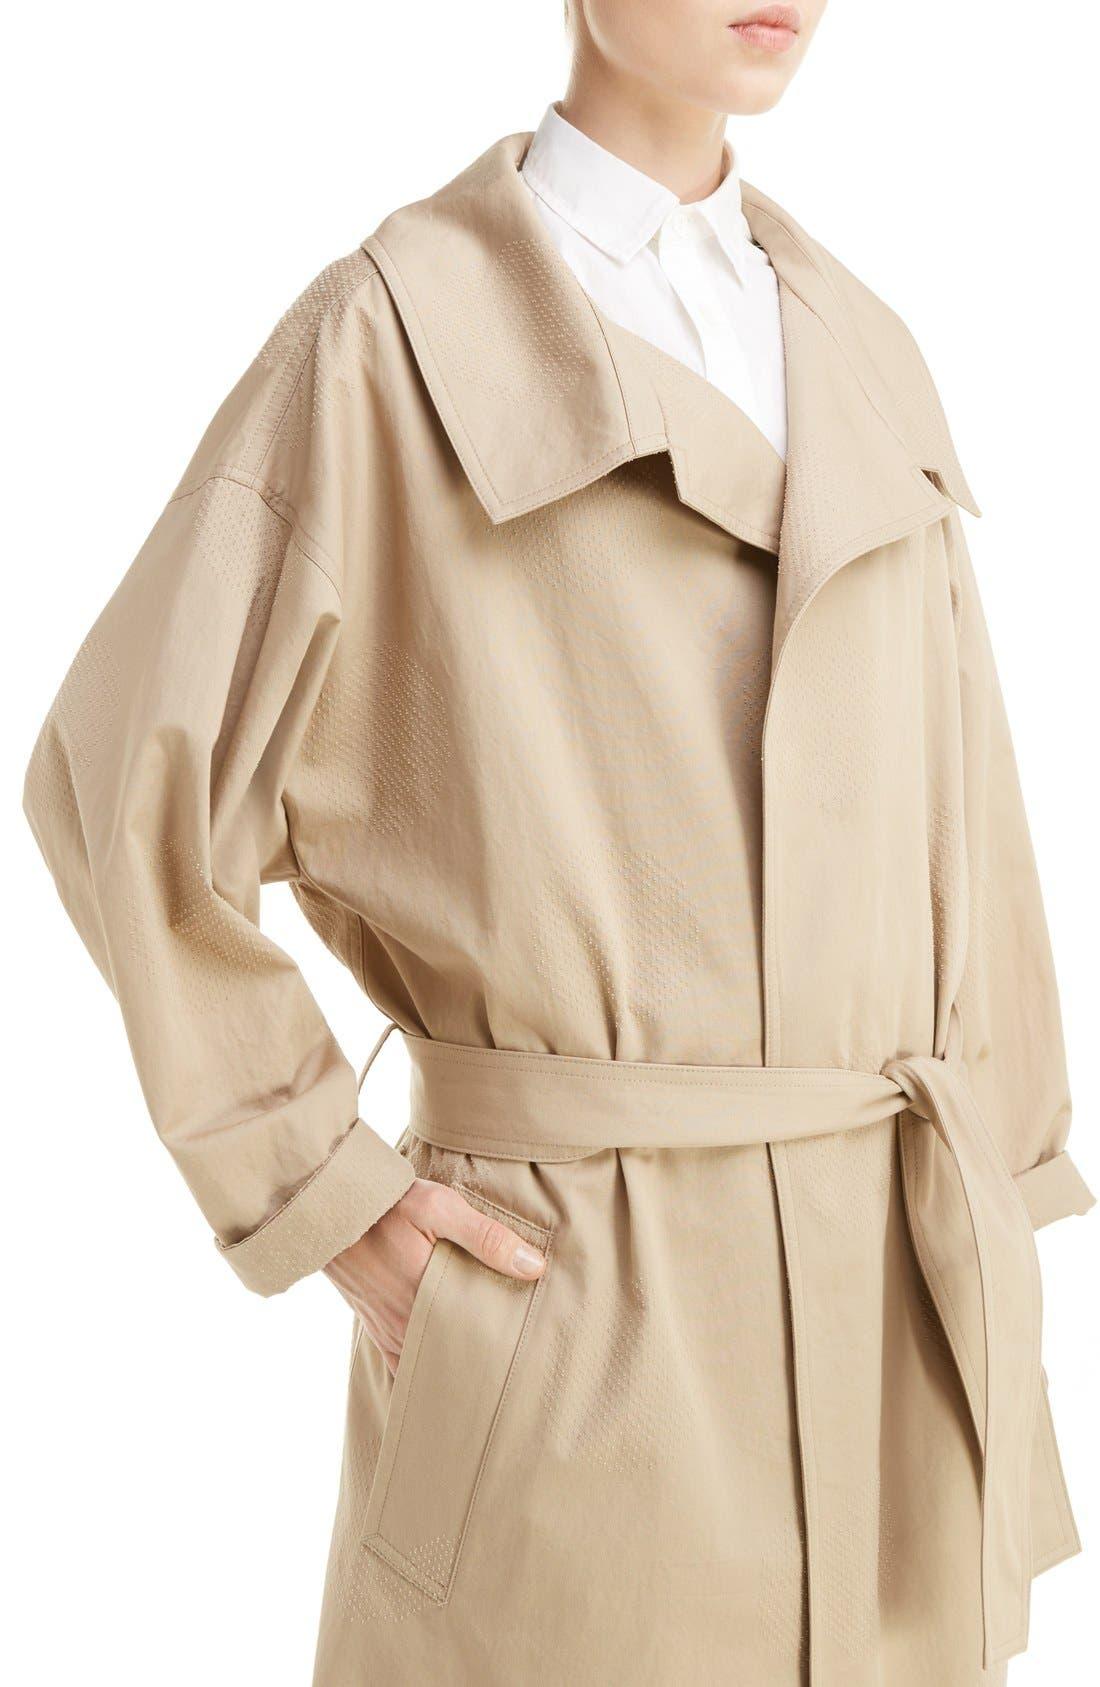 U-Gown Coat,                             Alternate thumbnail 5, color,                             Beige